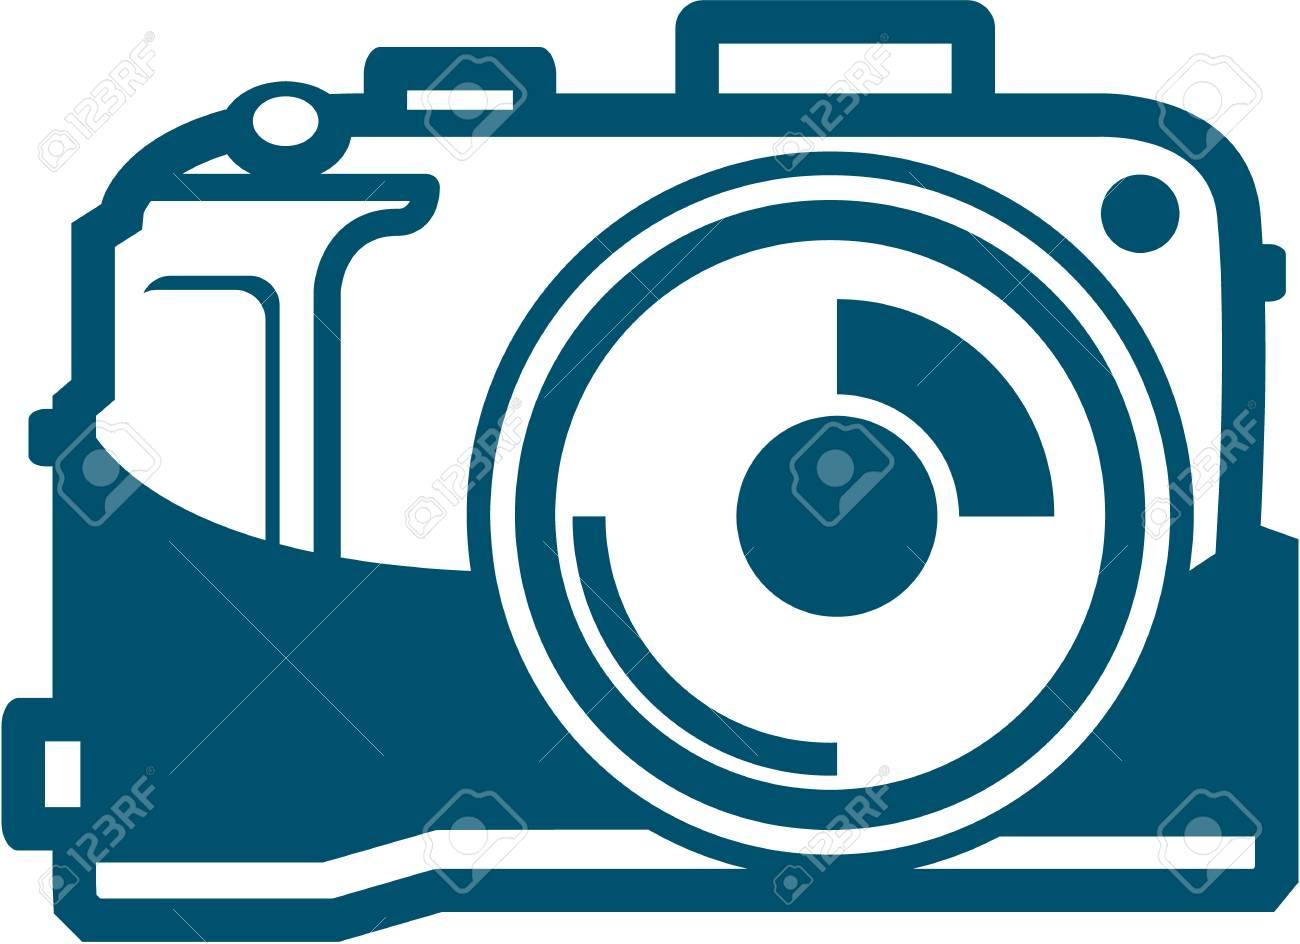 写真カメラ単位ベクトル イラスト クリップ アート ロイヤリティフリー